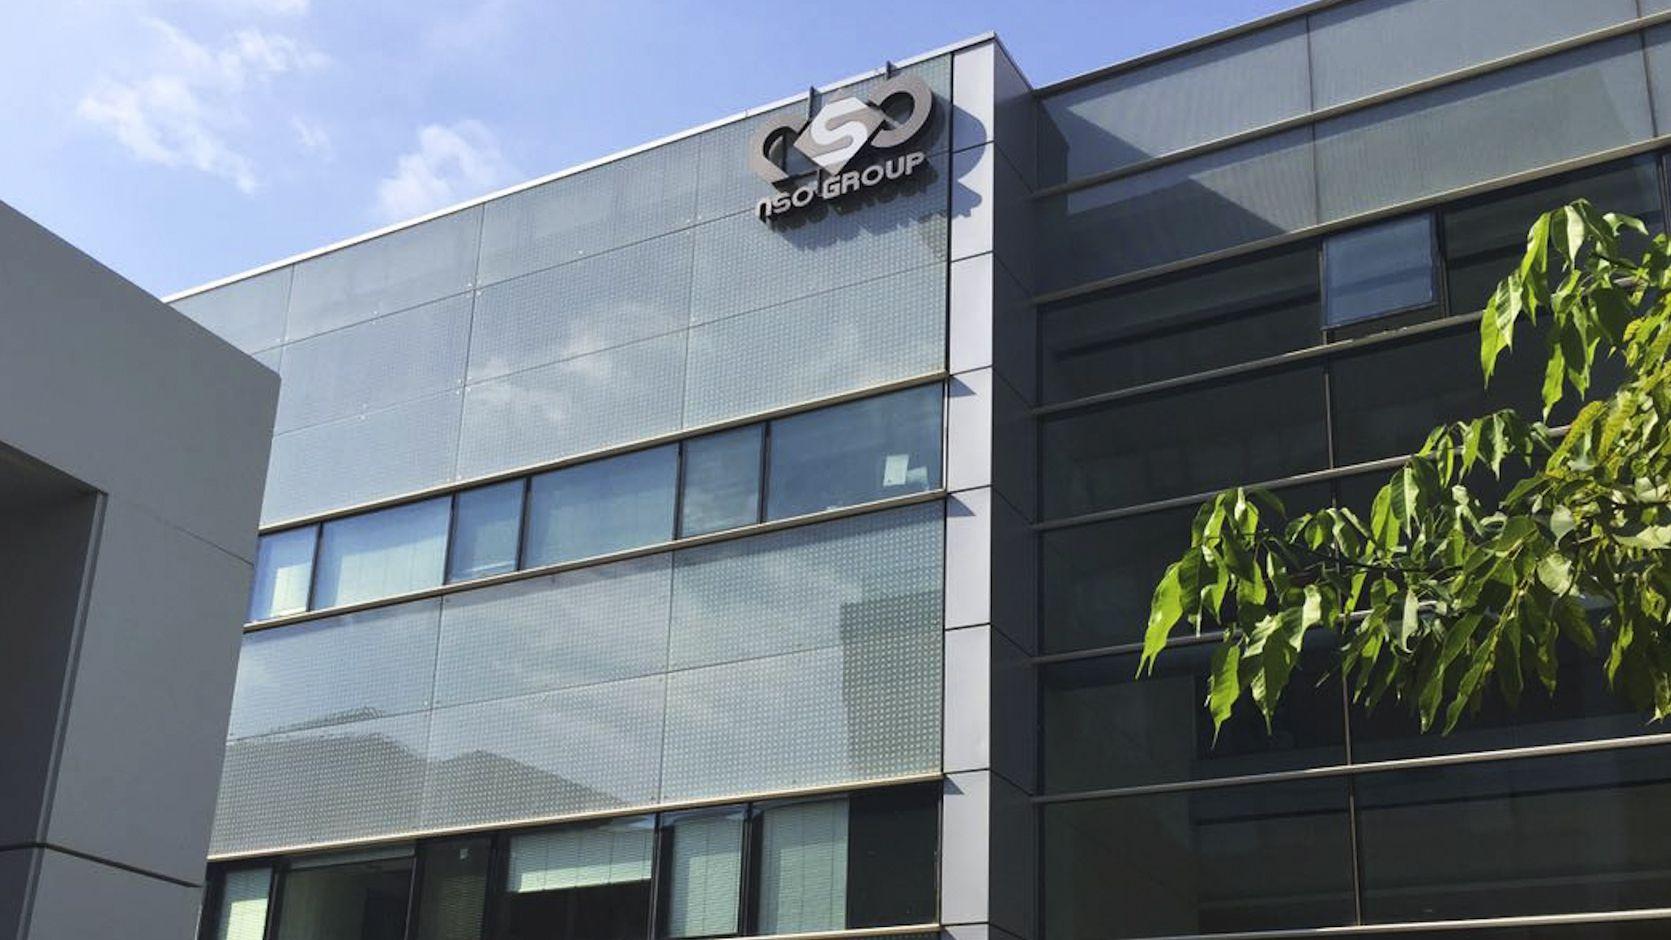 """Ein Gebäude an dem """"NSO Group"""" geschrieben steht"""